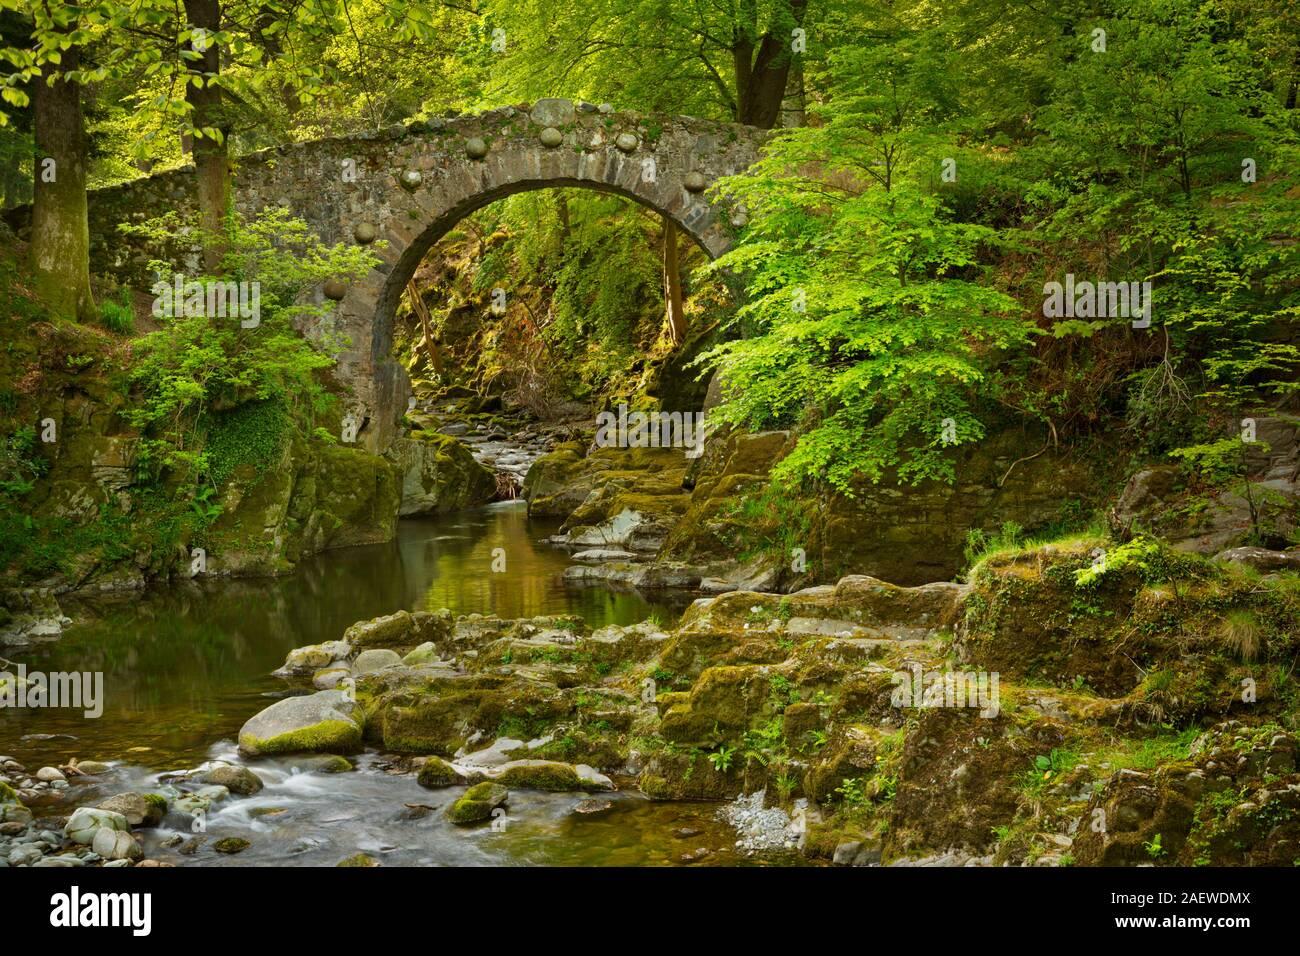 Foley il ponte sopra il fiume Shimna in Tollymore Forest Park, Irlanda del Nord. Foto Stock